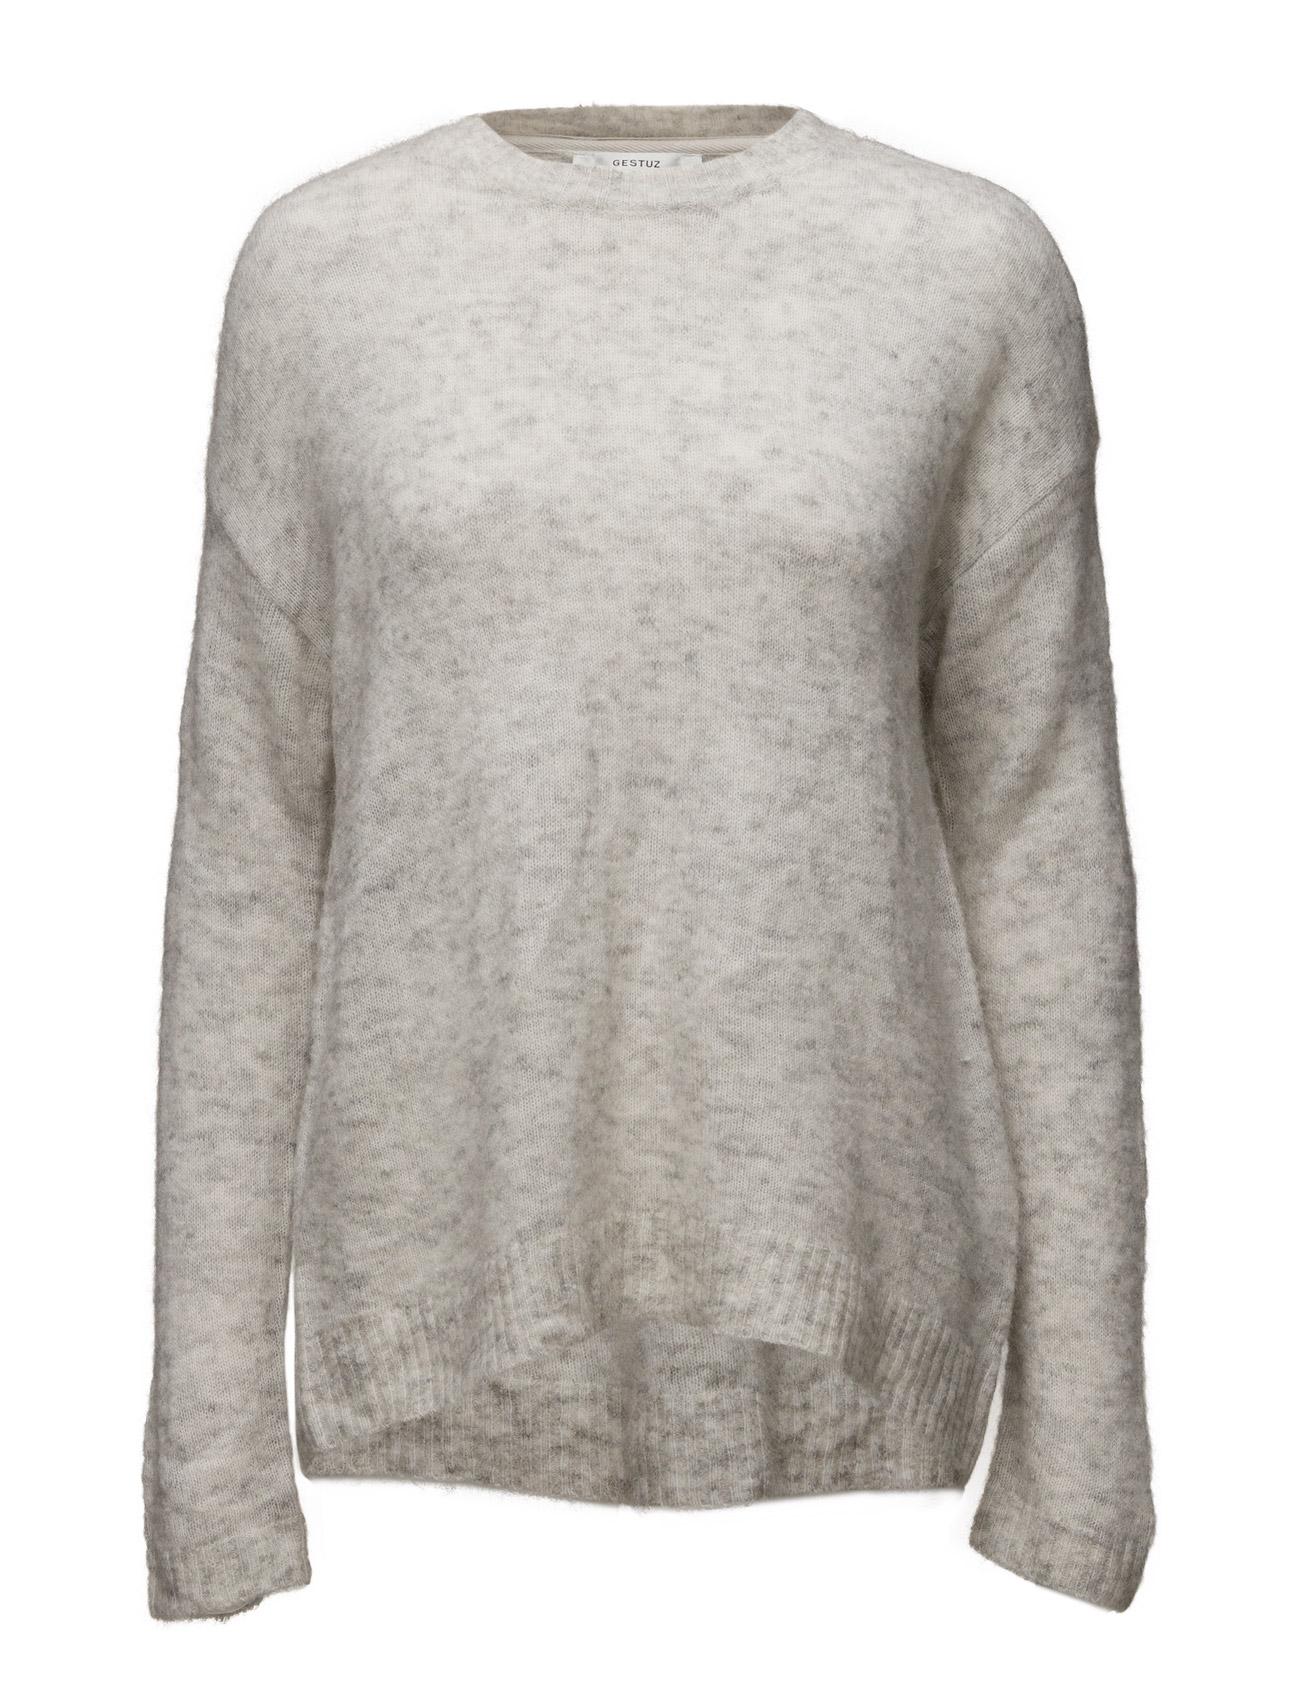 Oba O-Neck Ao16 Gestuz Sweatshirts til Damer i